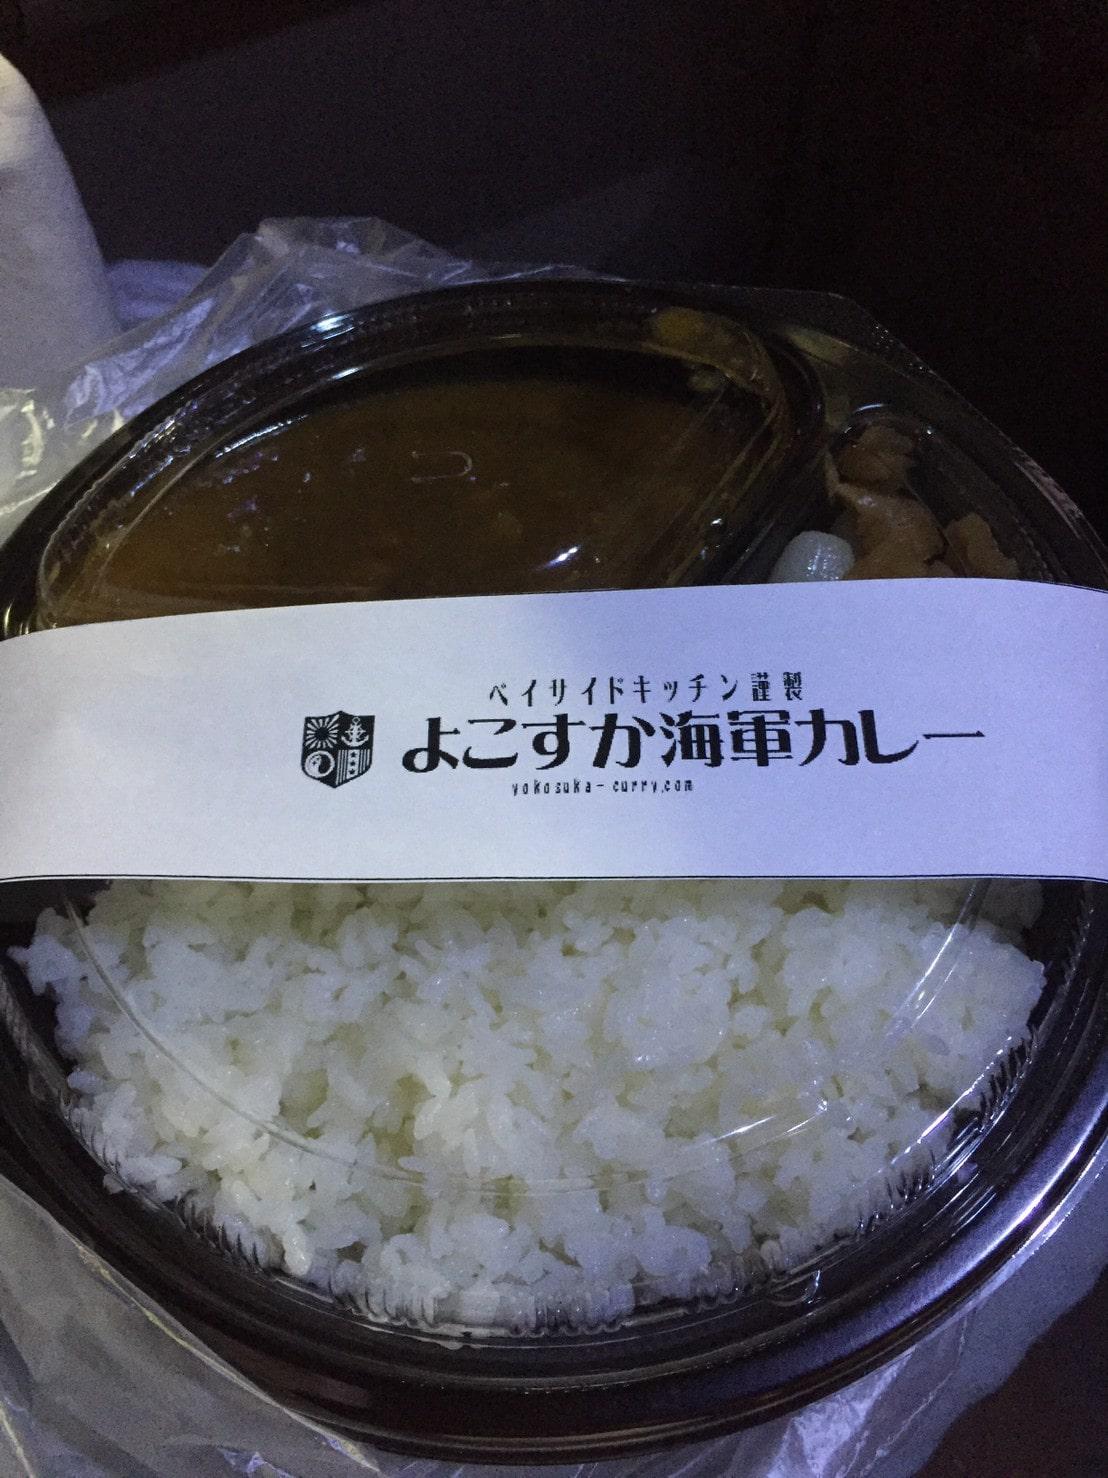 【神奈川県版】秘密のケンミンSHOWまとめ